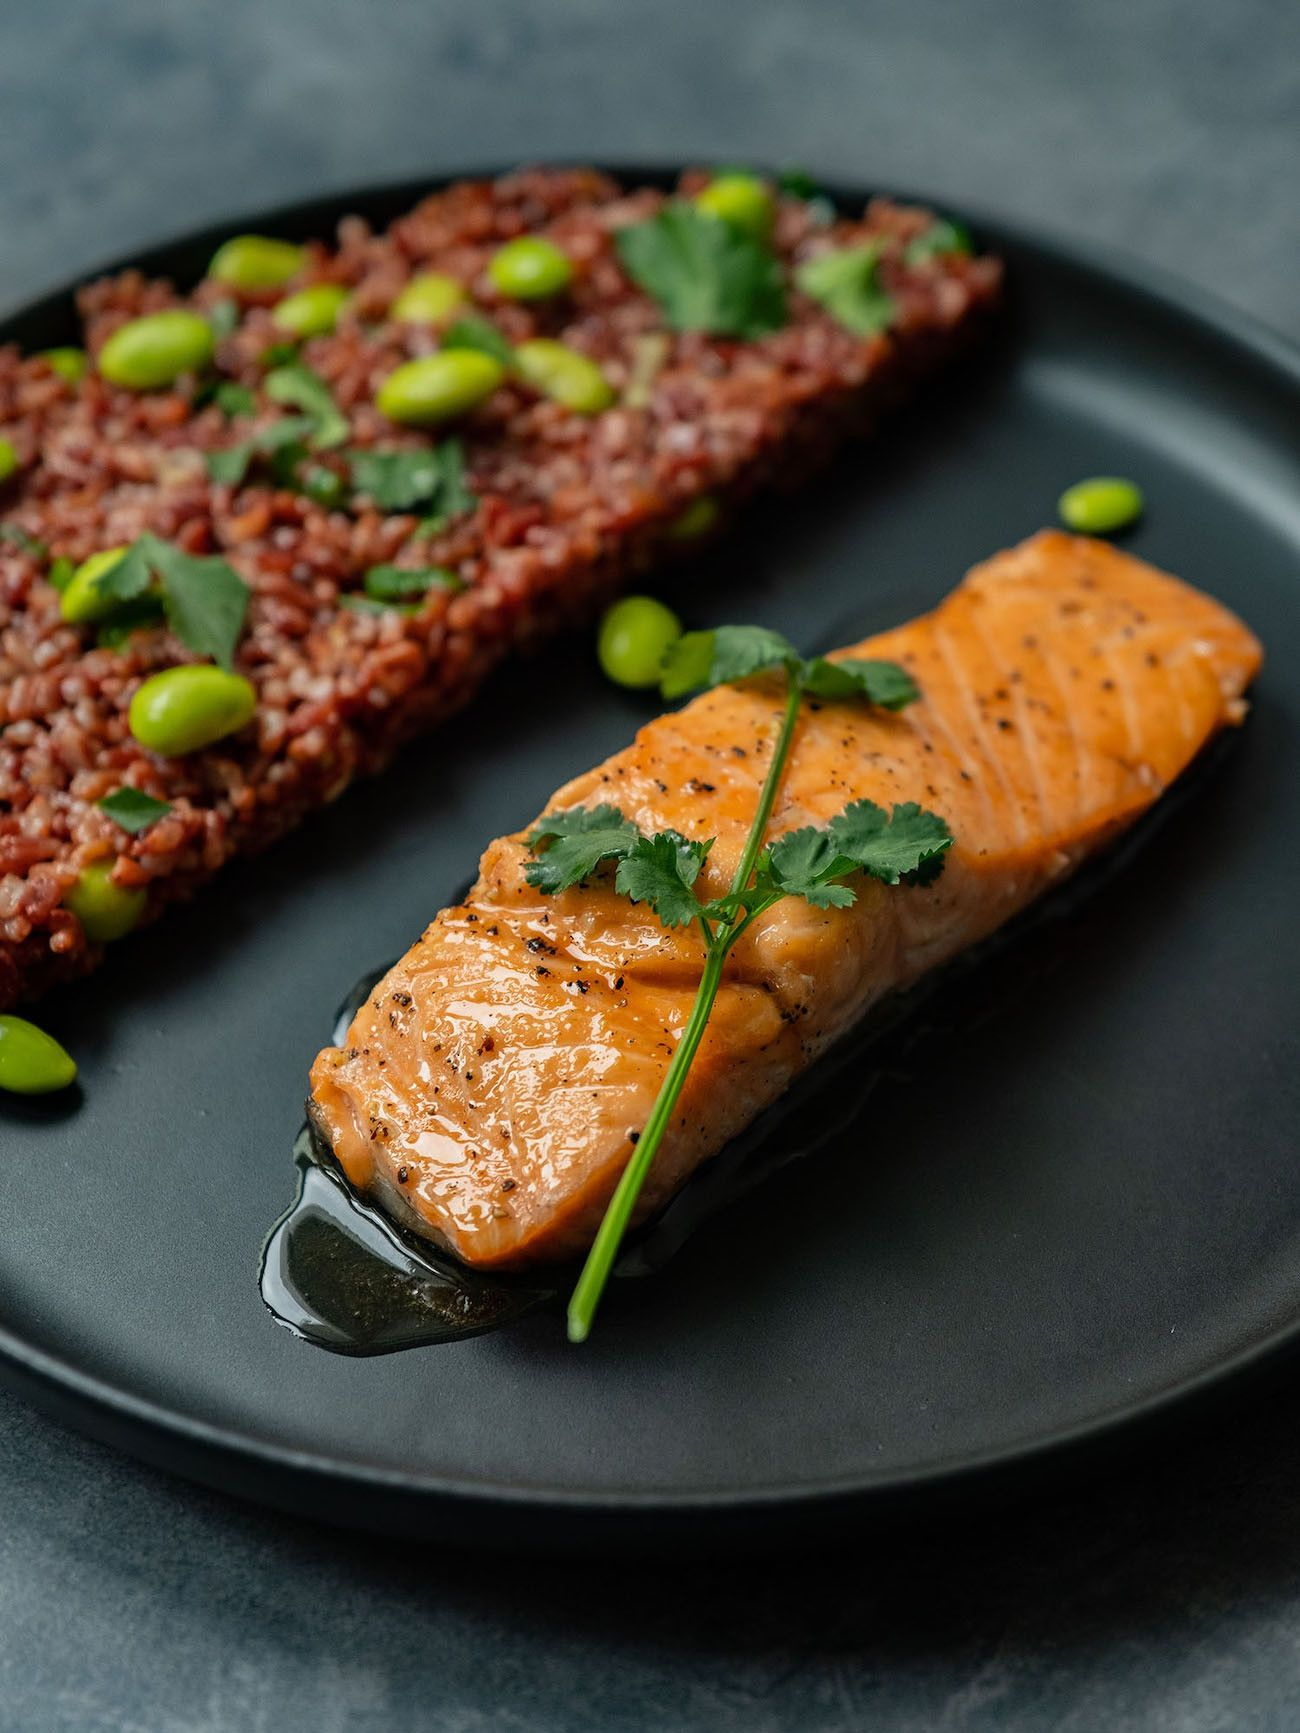 Foodblog About Fuel, Rezept Roter Reissalat mit Edamame und Ahornsirup Lachs, Fischfilet, Lachs, Koriander